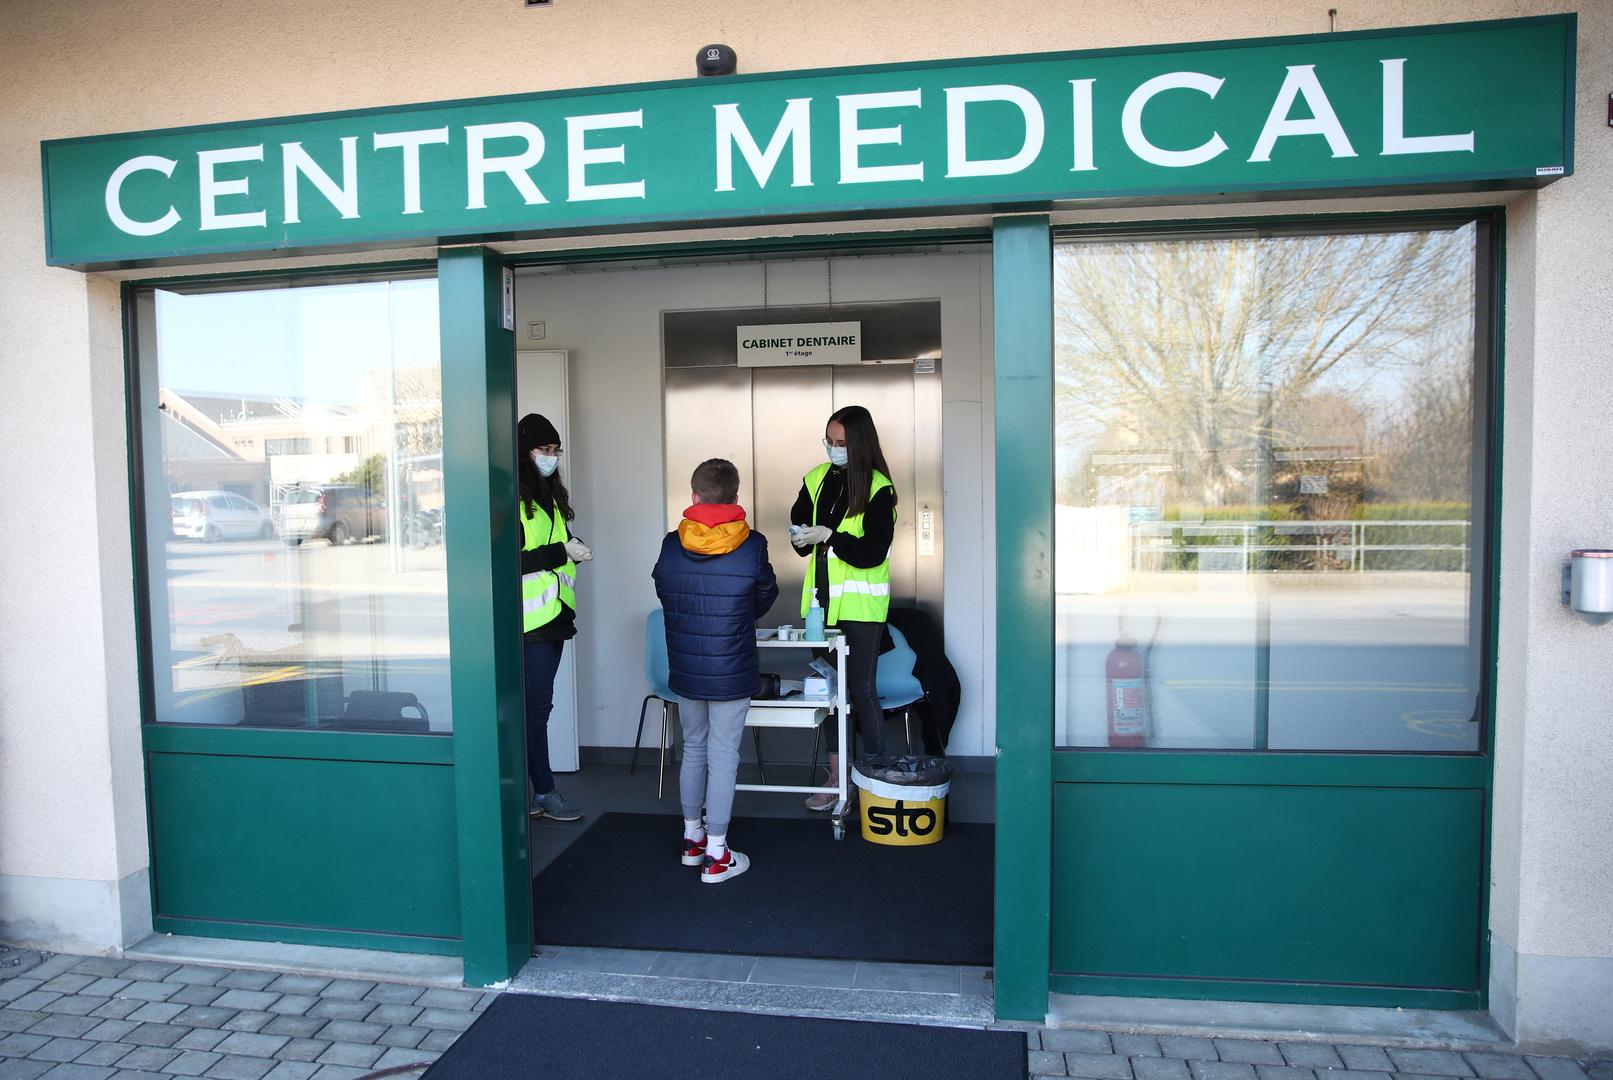 ارتفاع الوفيات في سويسرا بسبب كورونا إلى 559 حالة